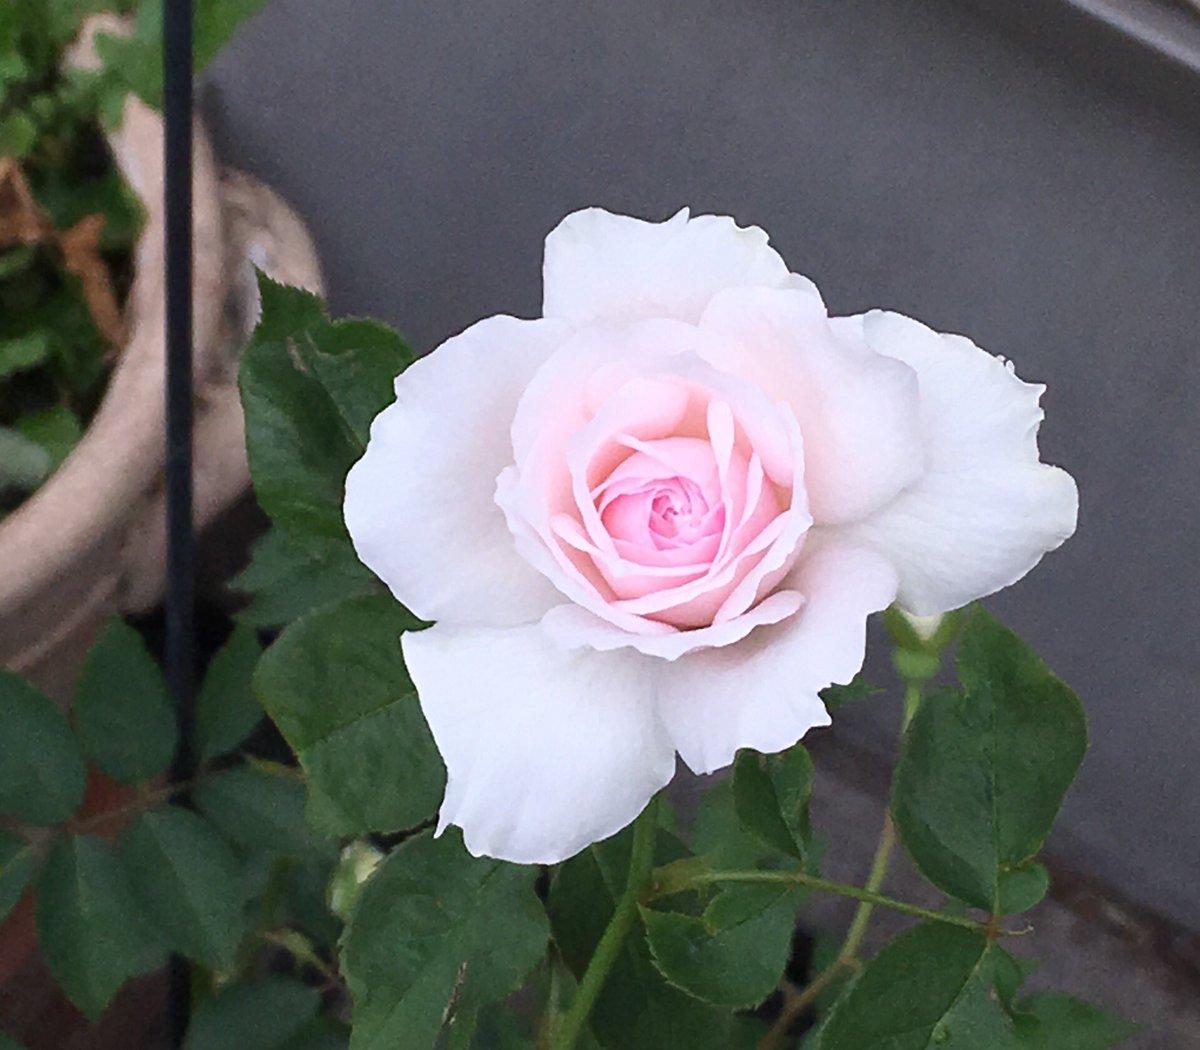 エゥディリーチェが咲きました♪優しい色です。オルフェオとのオペラは、まだ観たことないけど、ギリシャ神話のお話は有名ですね